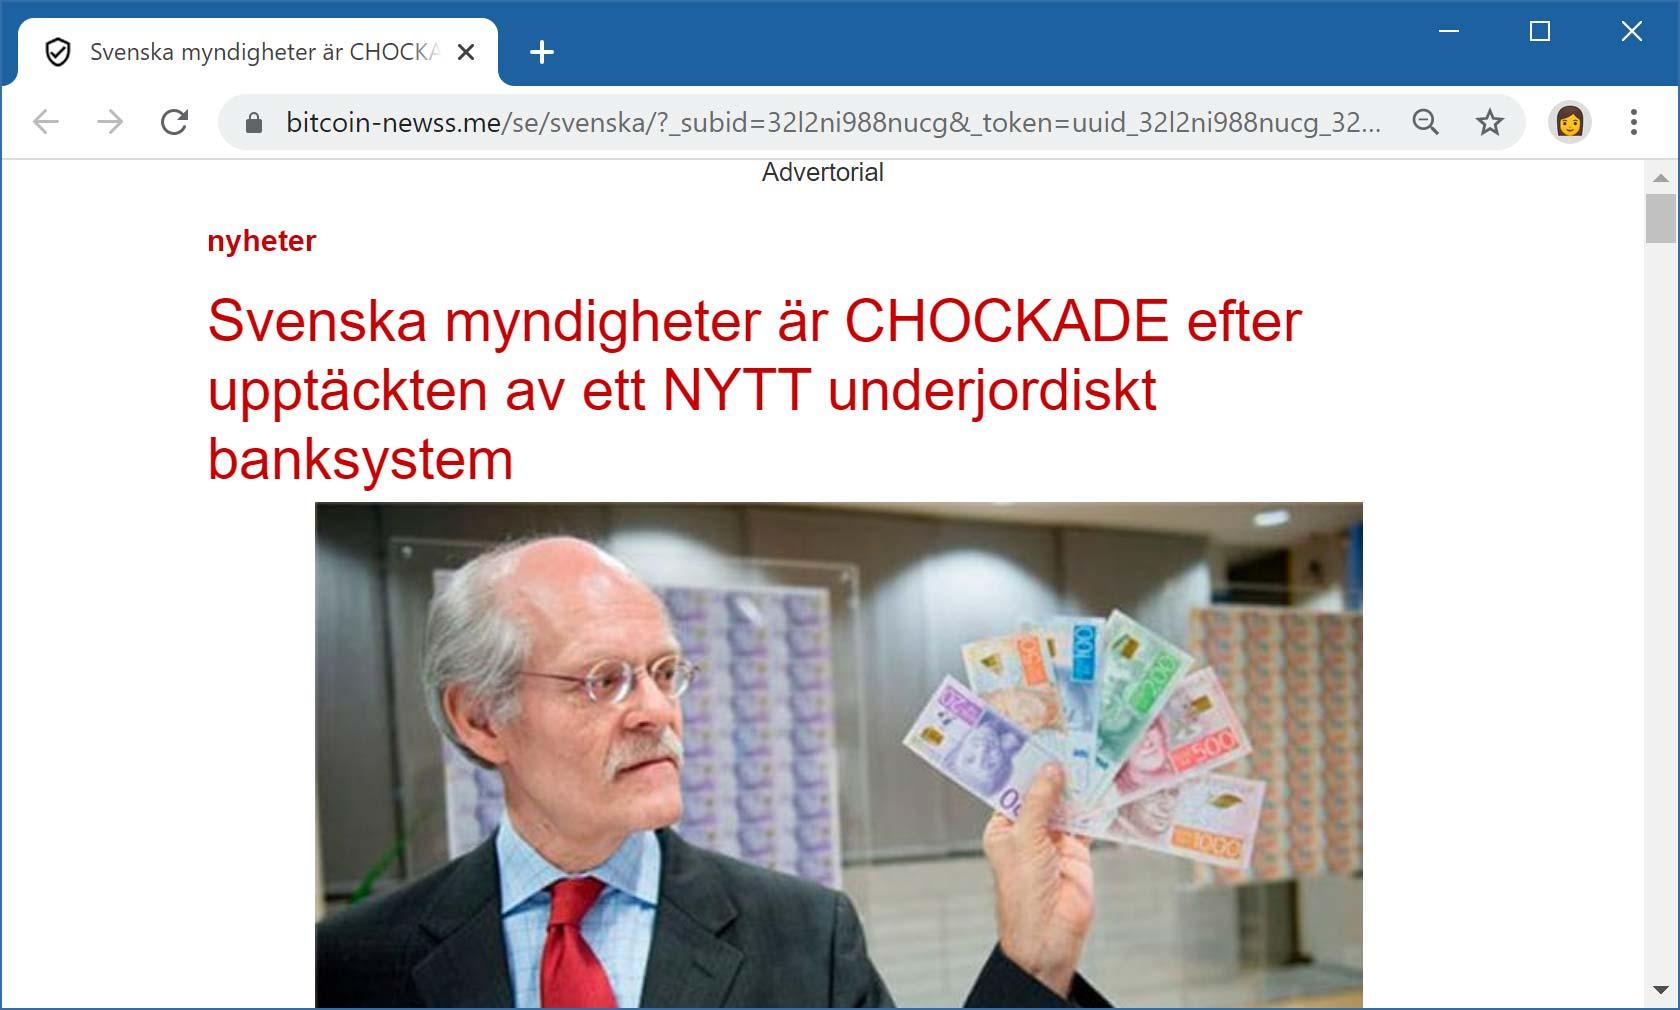 Webbsida som marknadsför kryptovalutabluff.